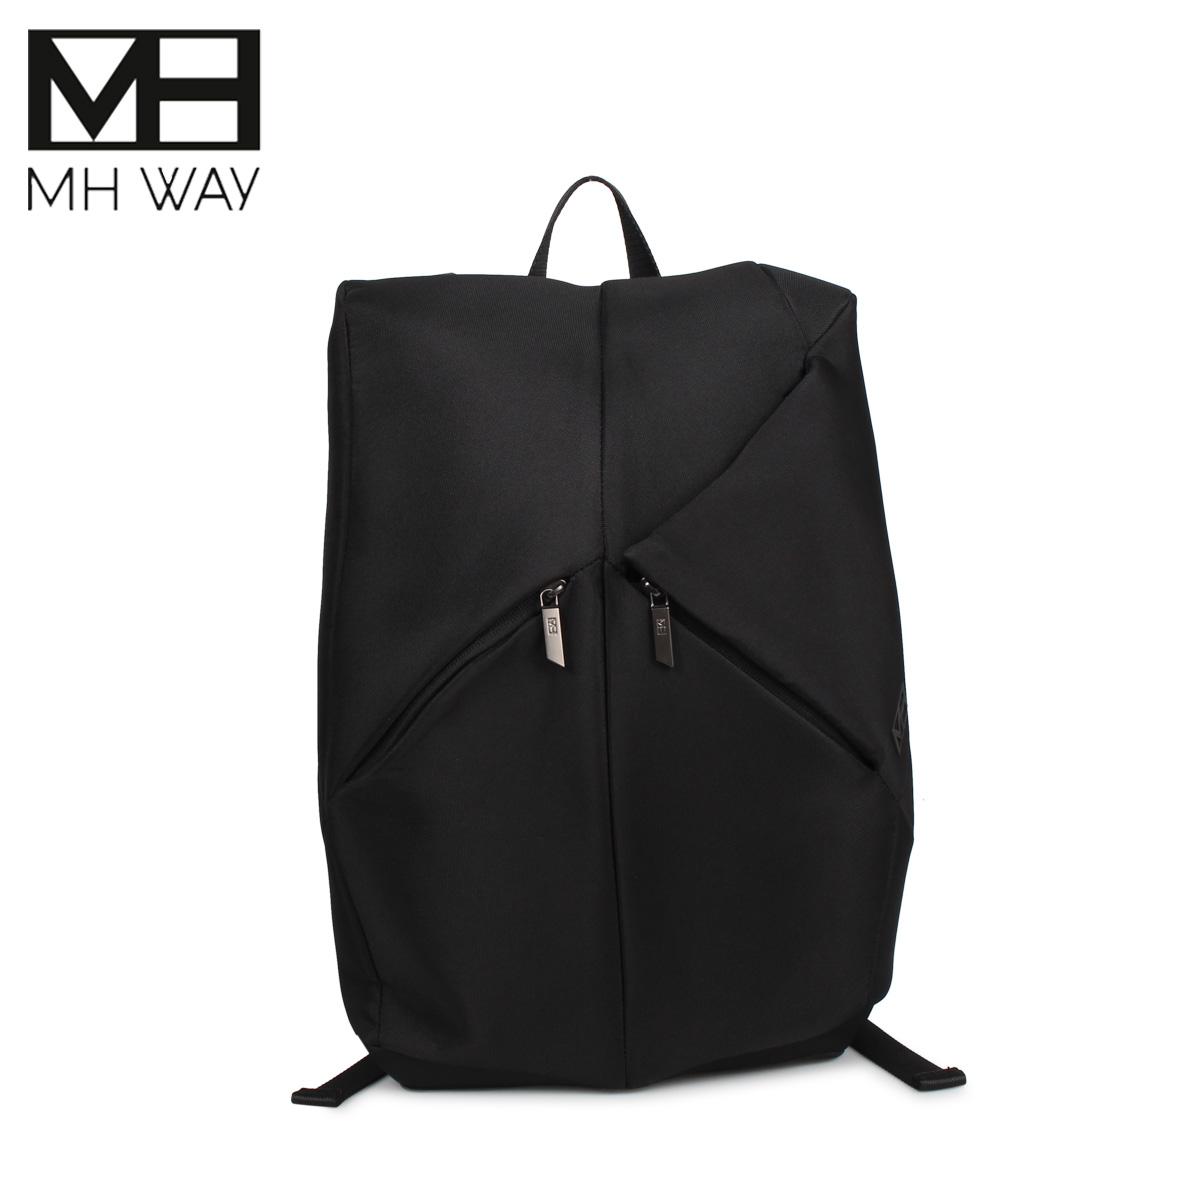 エムエイチウェイ MH WAY リュック バッグ バックパック メンズ レディース 15L STONE BACKPACK ブラック 黒 MH-013